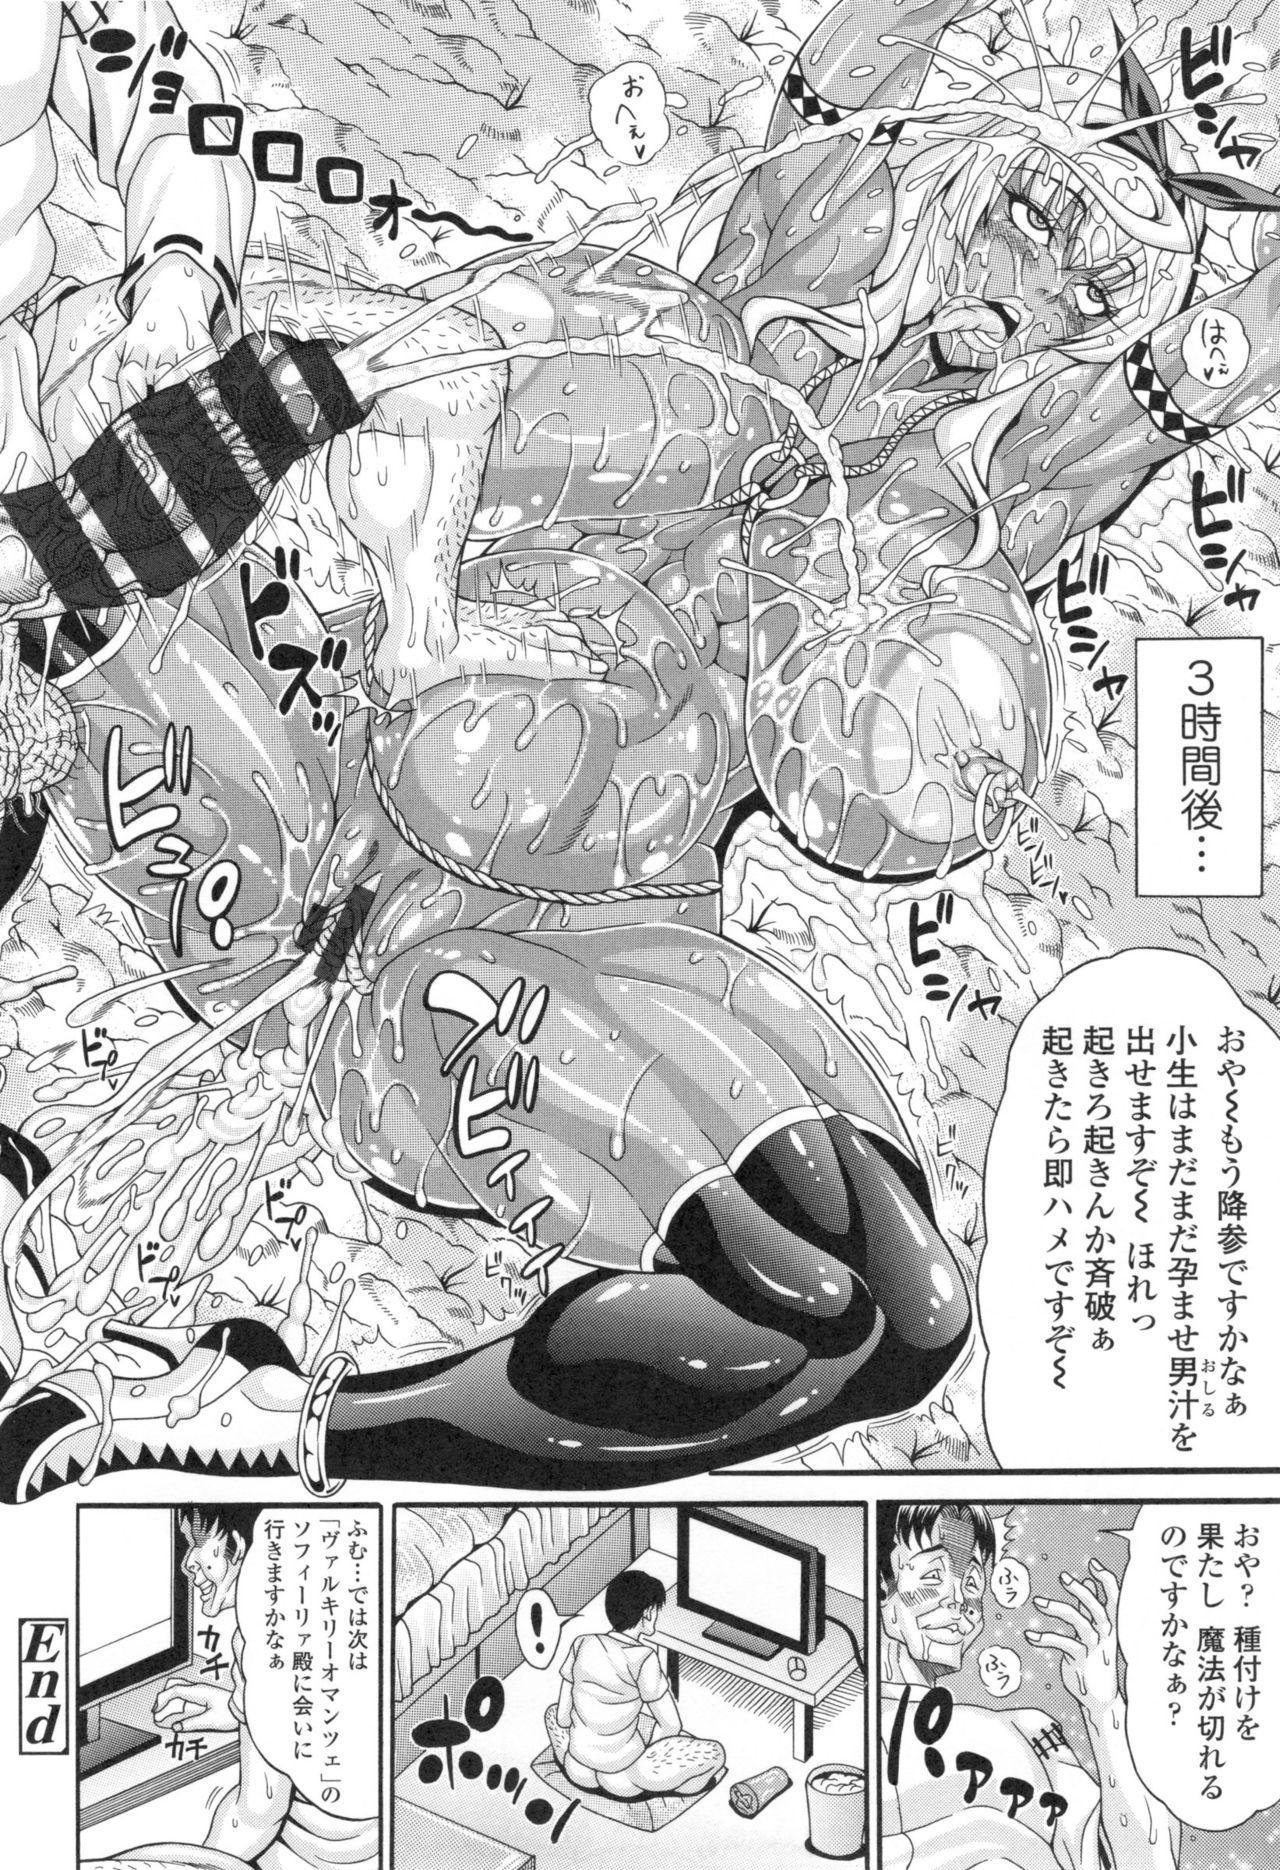 [Andou Hiroyuki] Pakopako Bitch ~Megamori! Mashimashi! Dosukebe Niku~ + Toranoana Leaflet 174